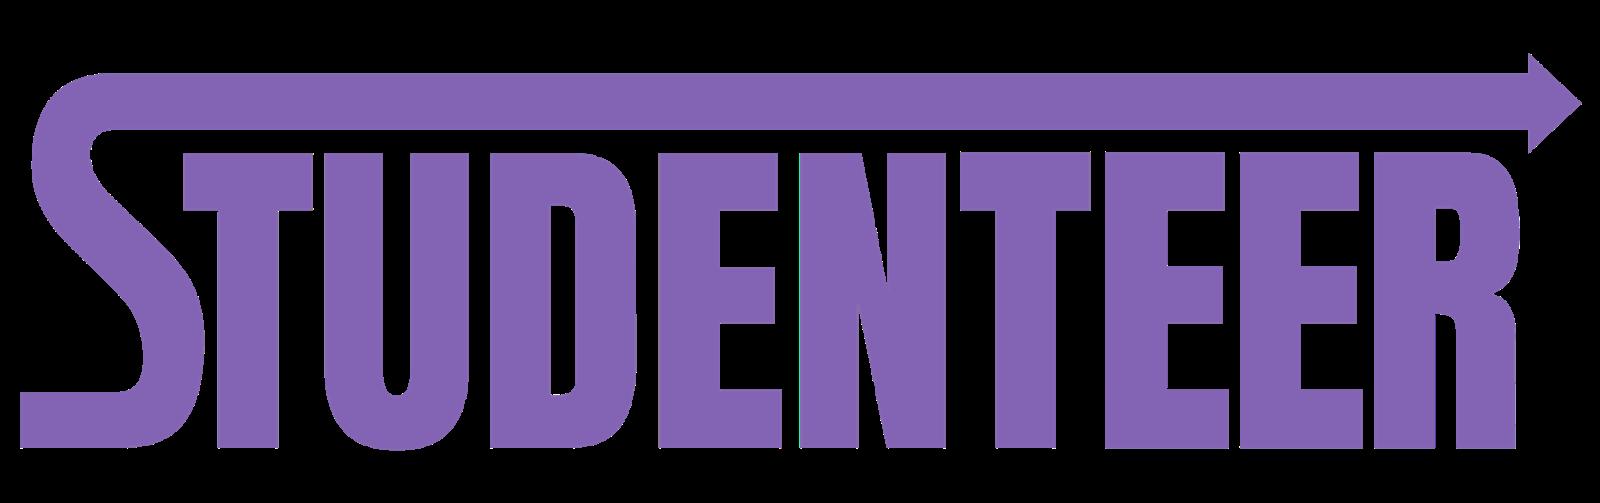 Studenteer